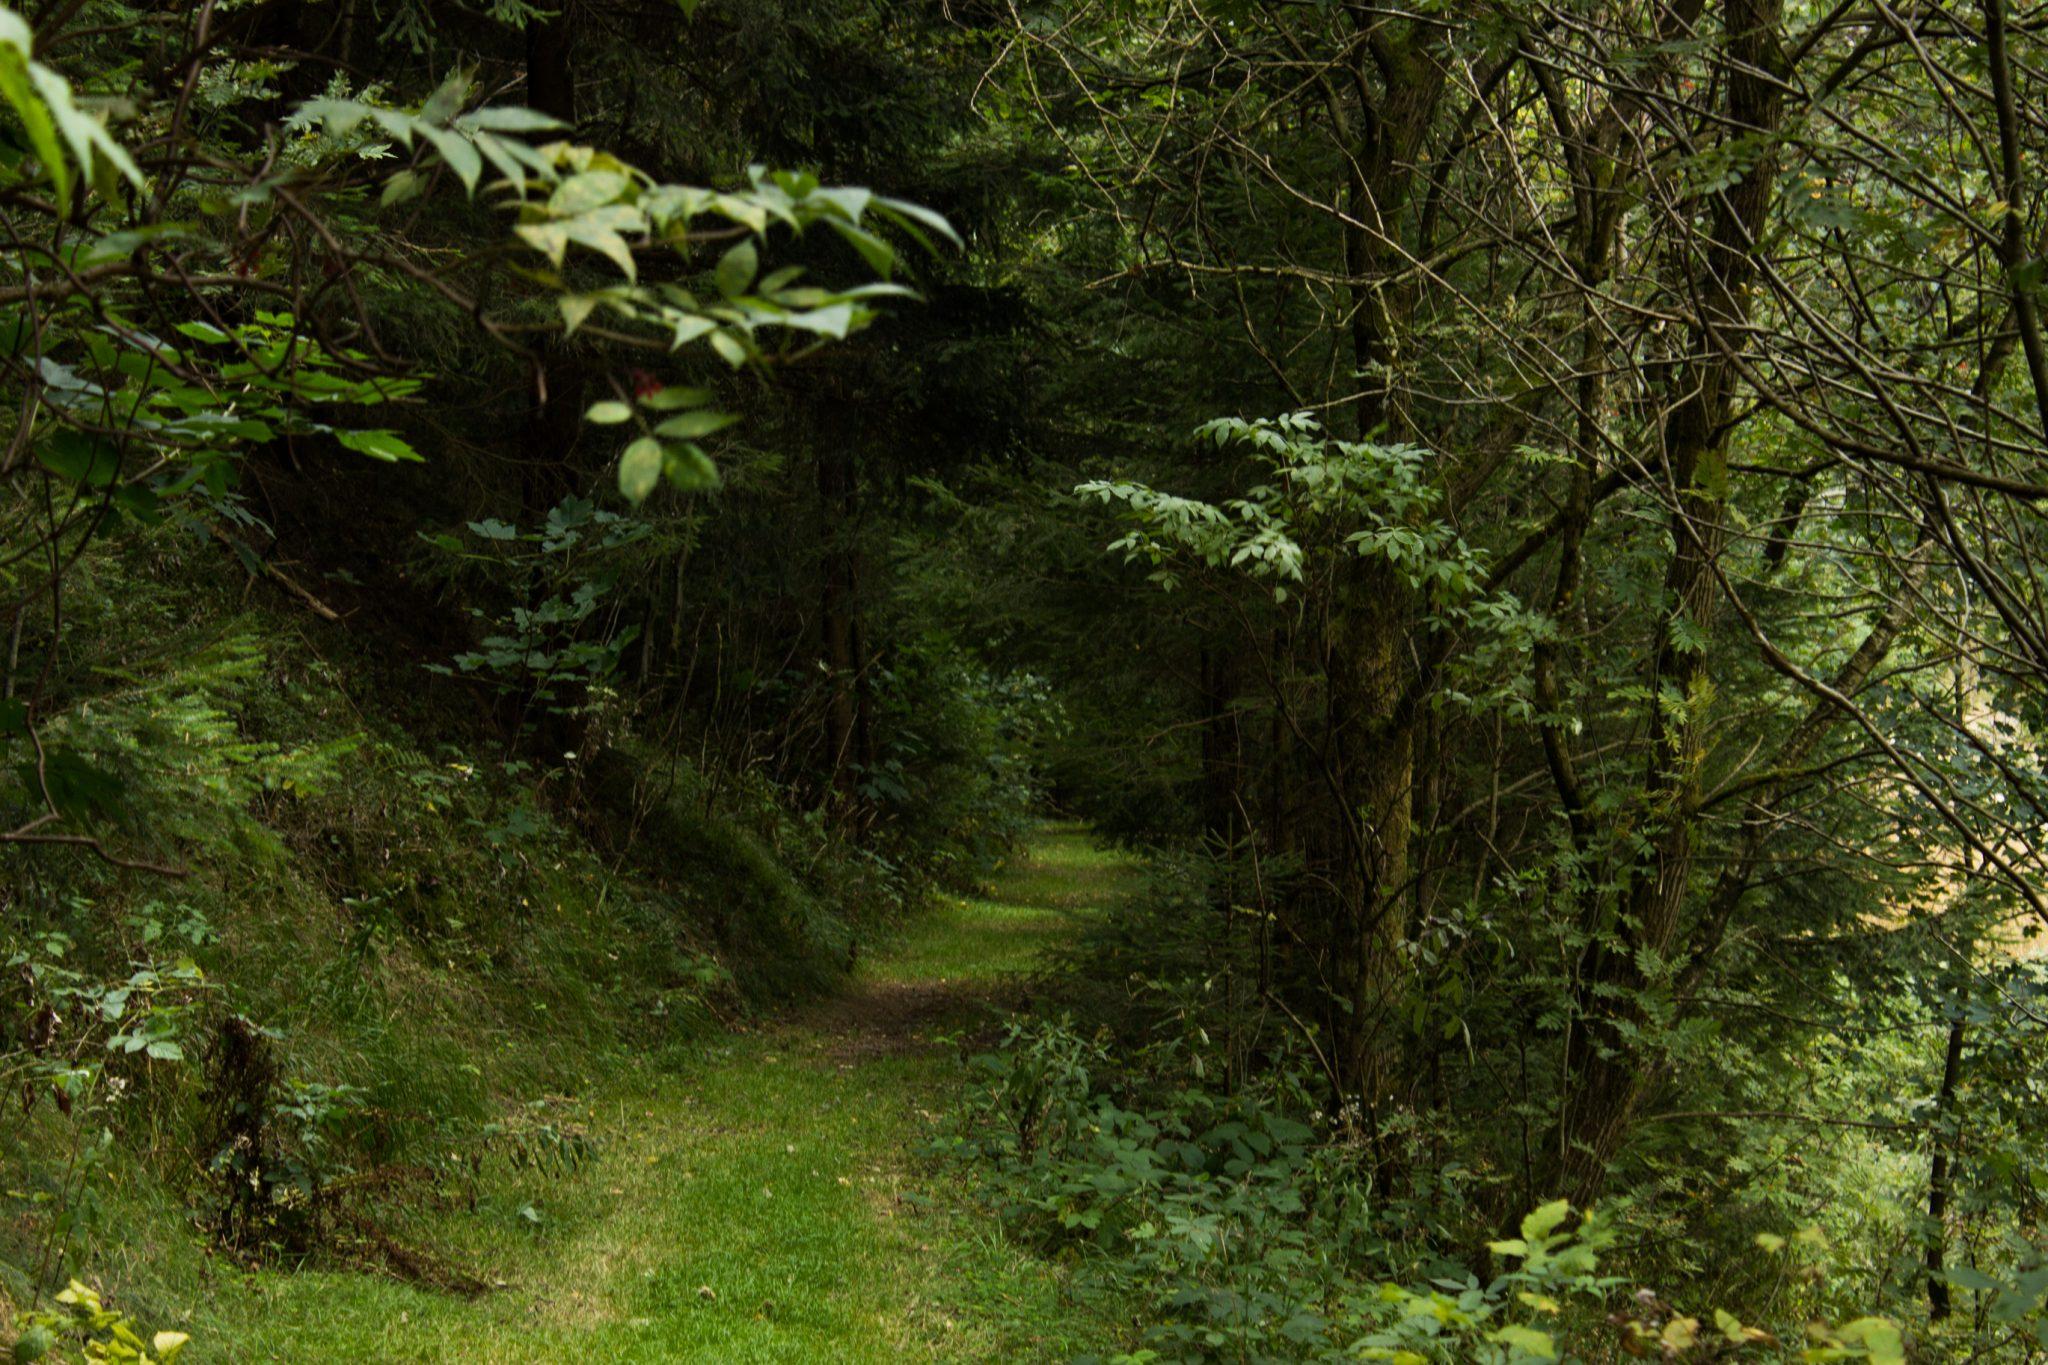 Großer Beerberg Schneekopf und Teufelskanzel, Gipfeltour Wanderung im Thüringer Wald, schöner Wanderweg durch Wald über Wiese